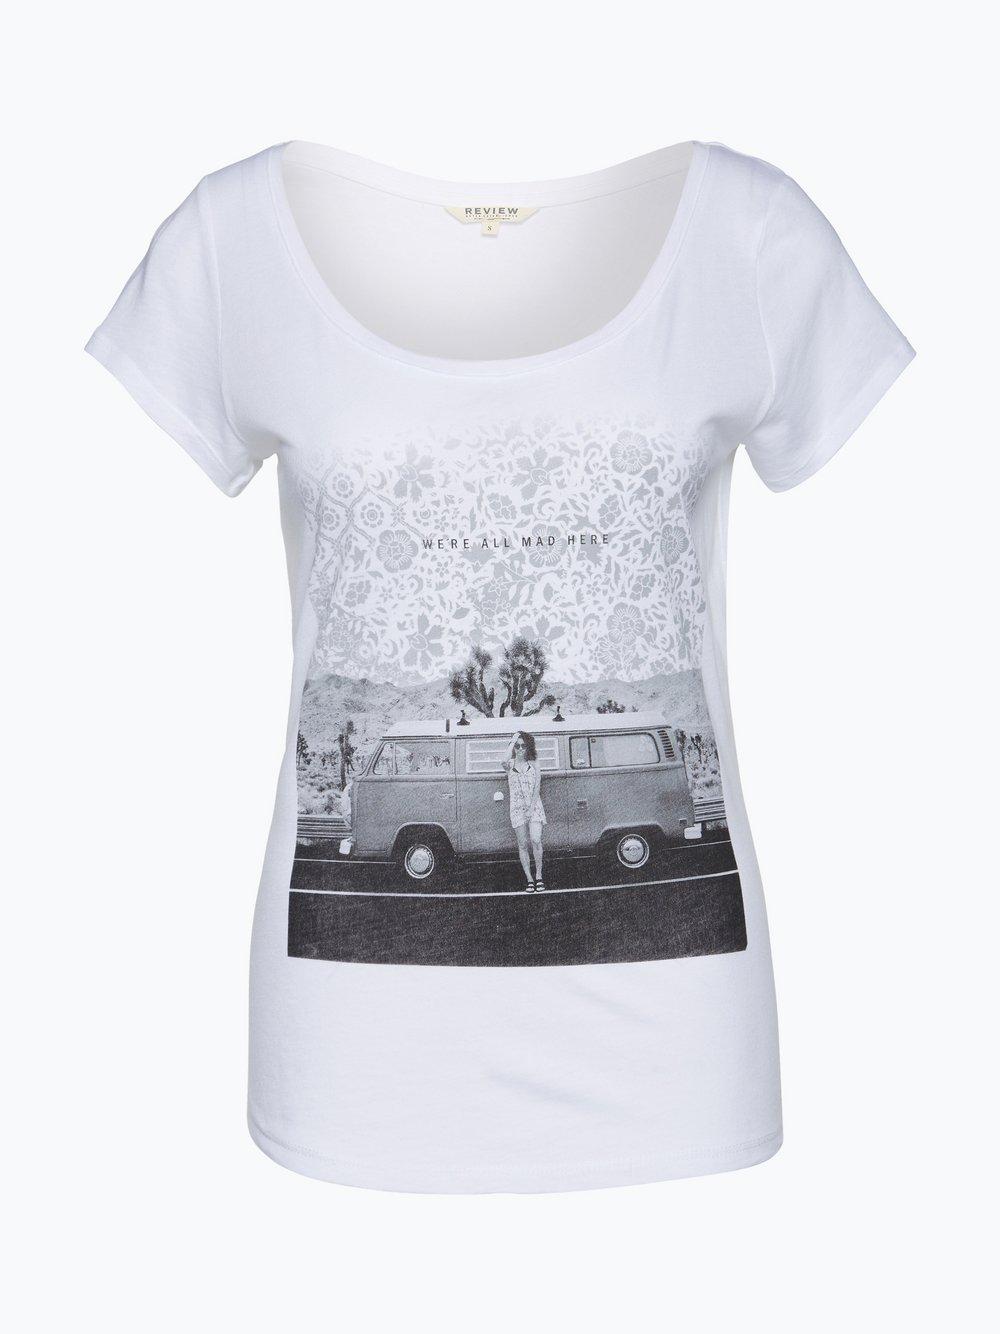 Kaufen de Damen Peek T Cloppenburg Online Shirt Review Und qI4F1WwF